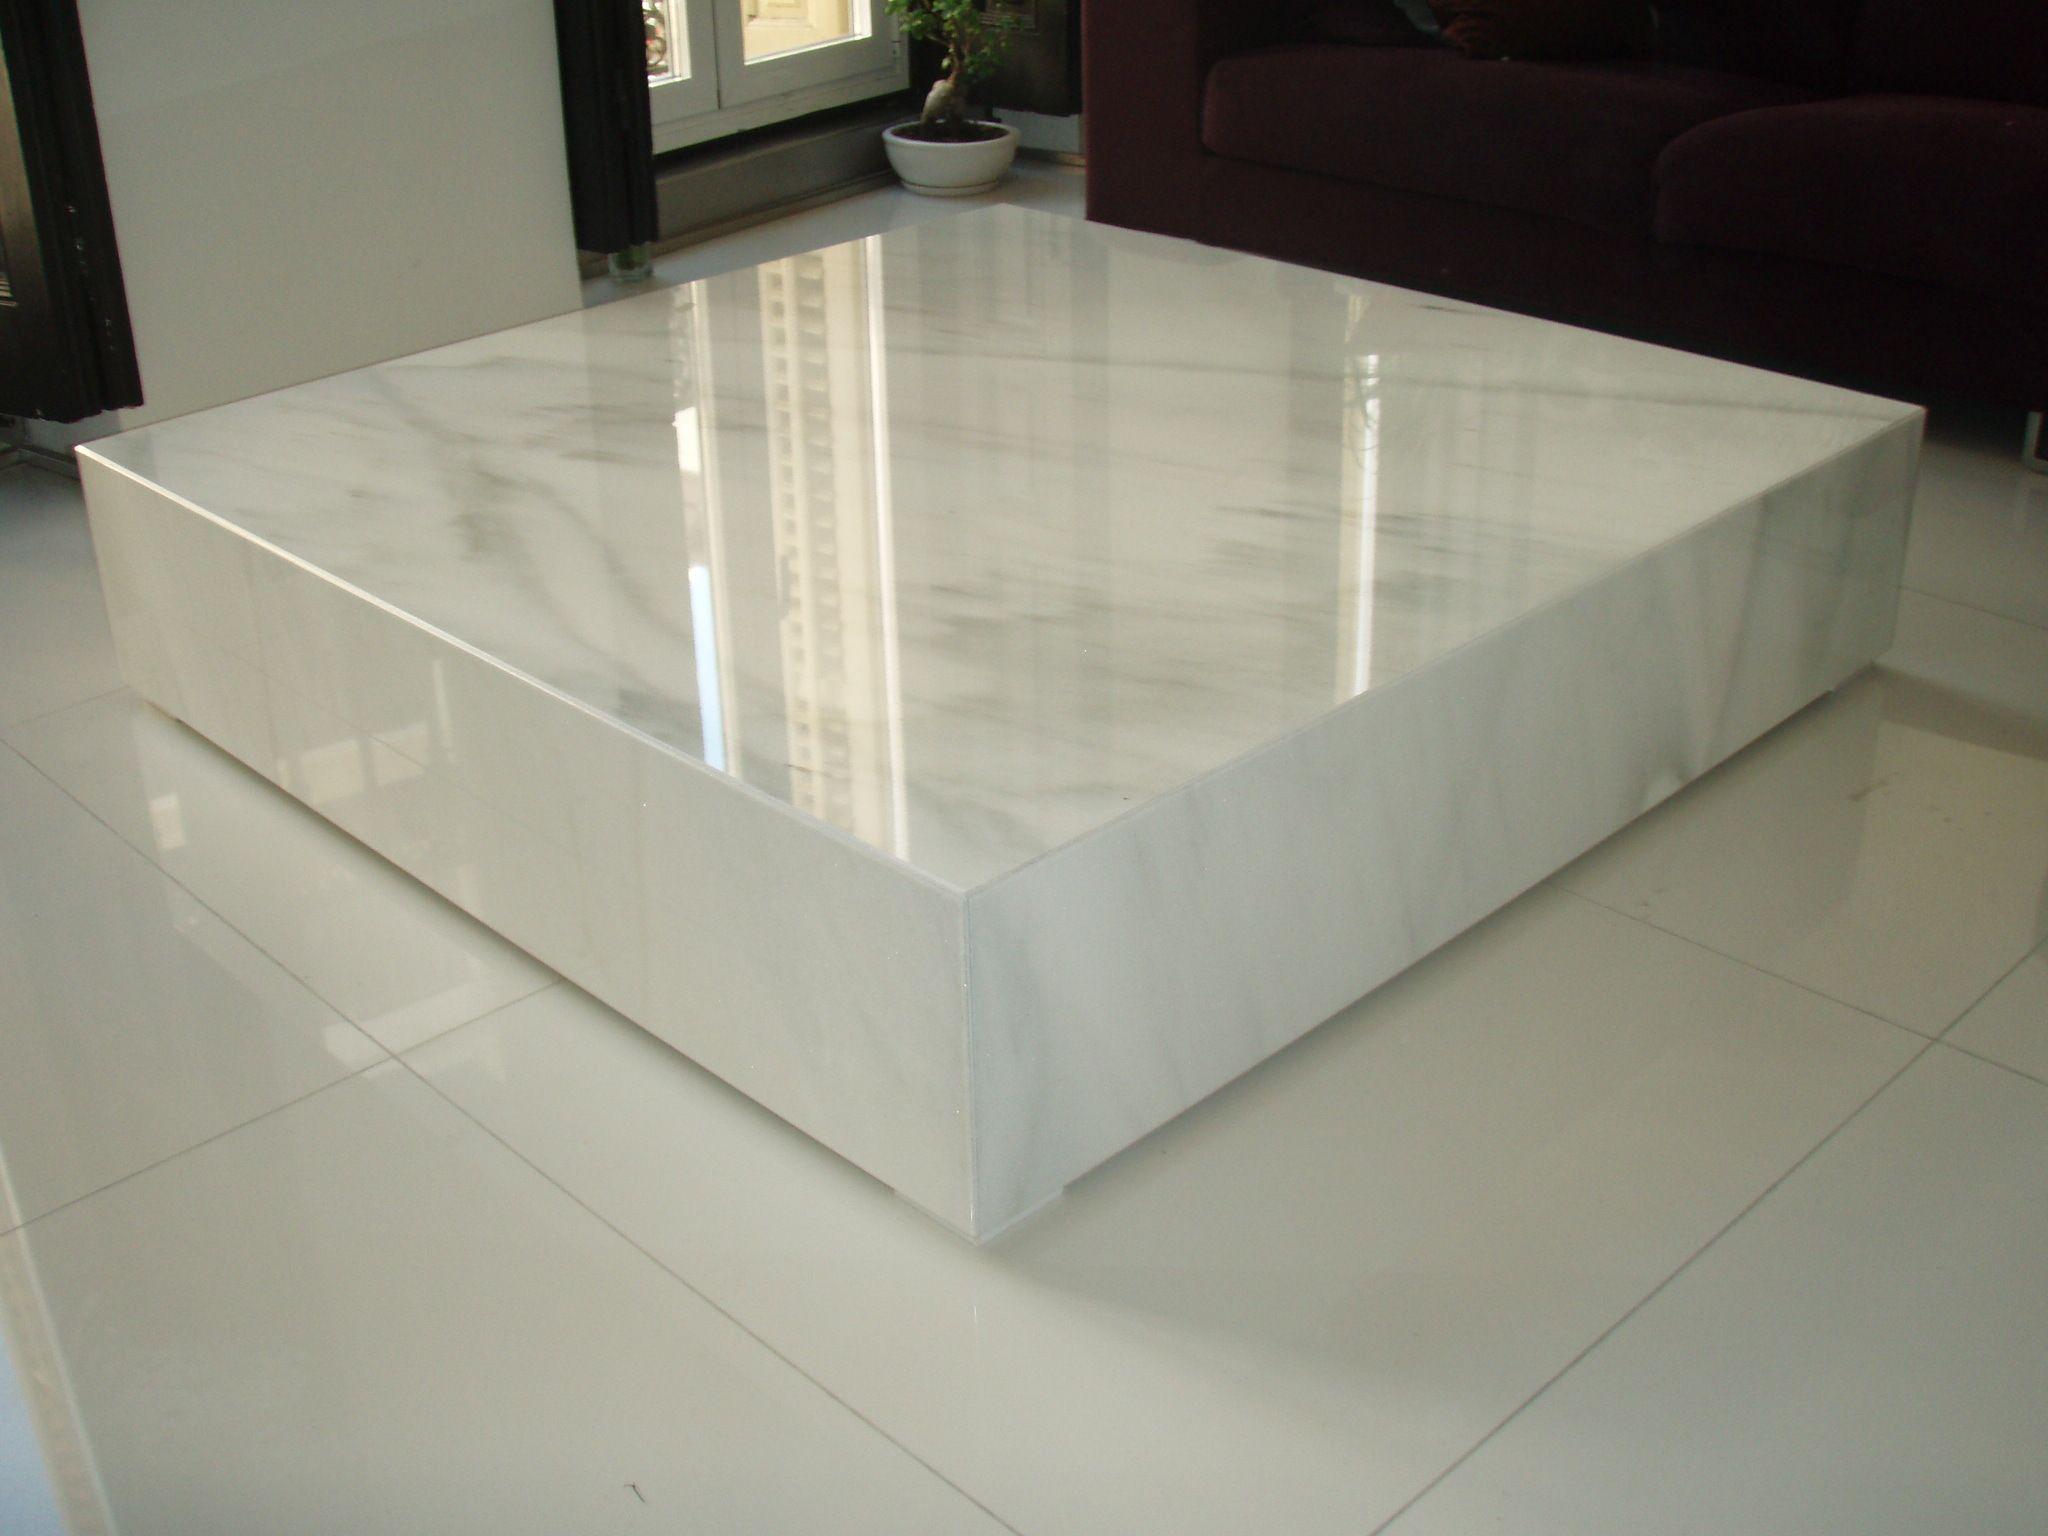 Mesa de marmol blanco macael pulido living room for Mesas de marmol para cocina